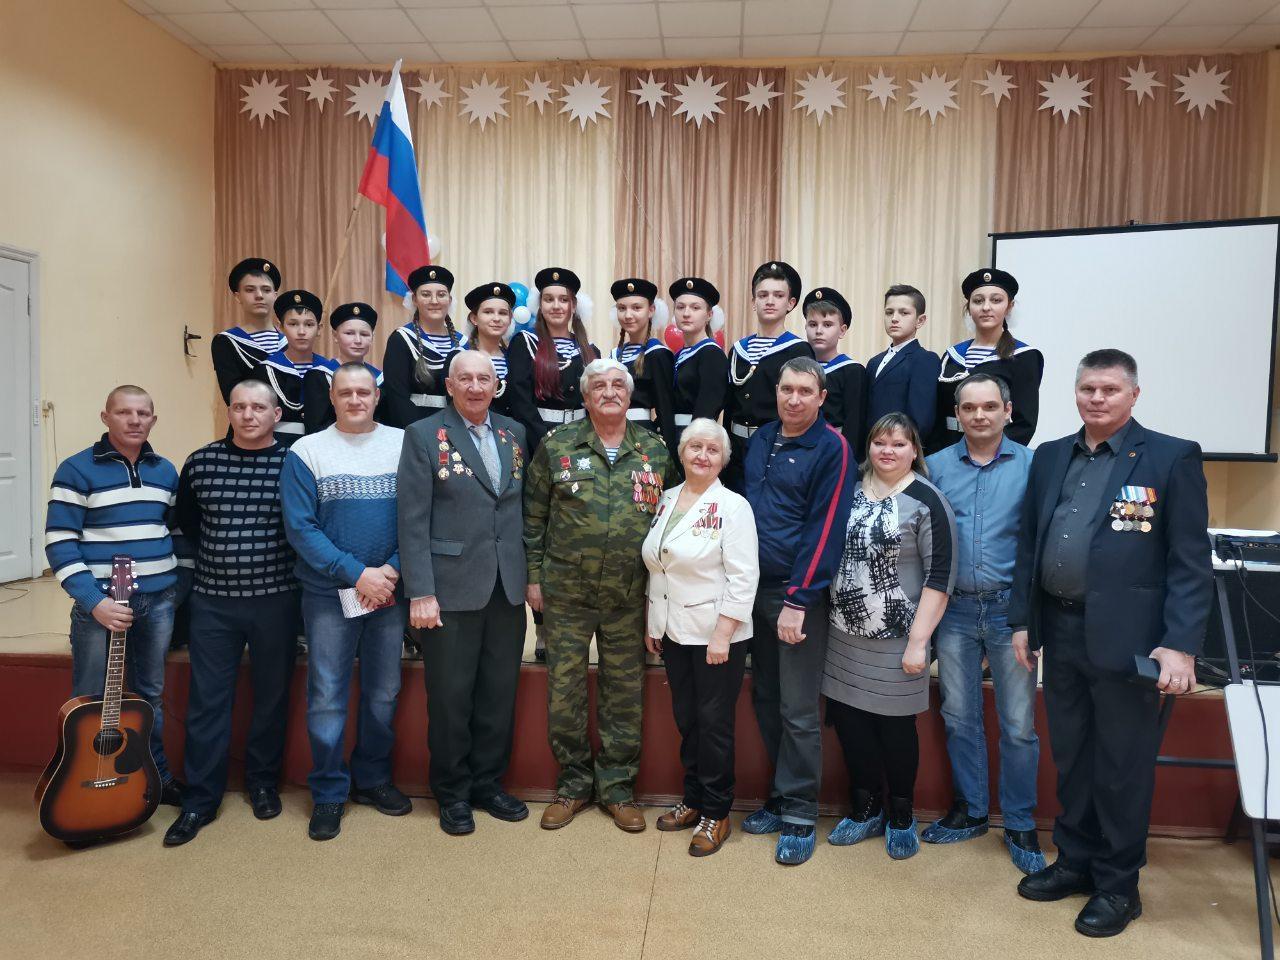 День Героев Отечества в России – это памятная дата, которая отмечается в нашей стране ежегодно 9 декабря.